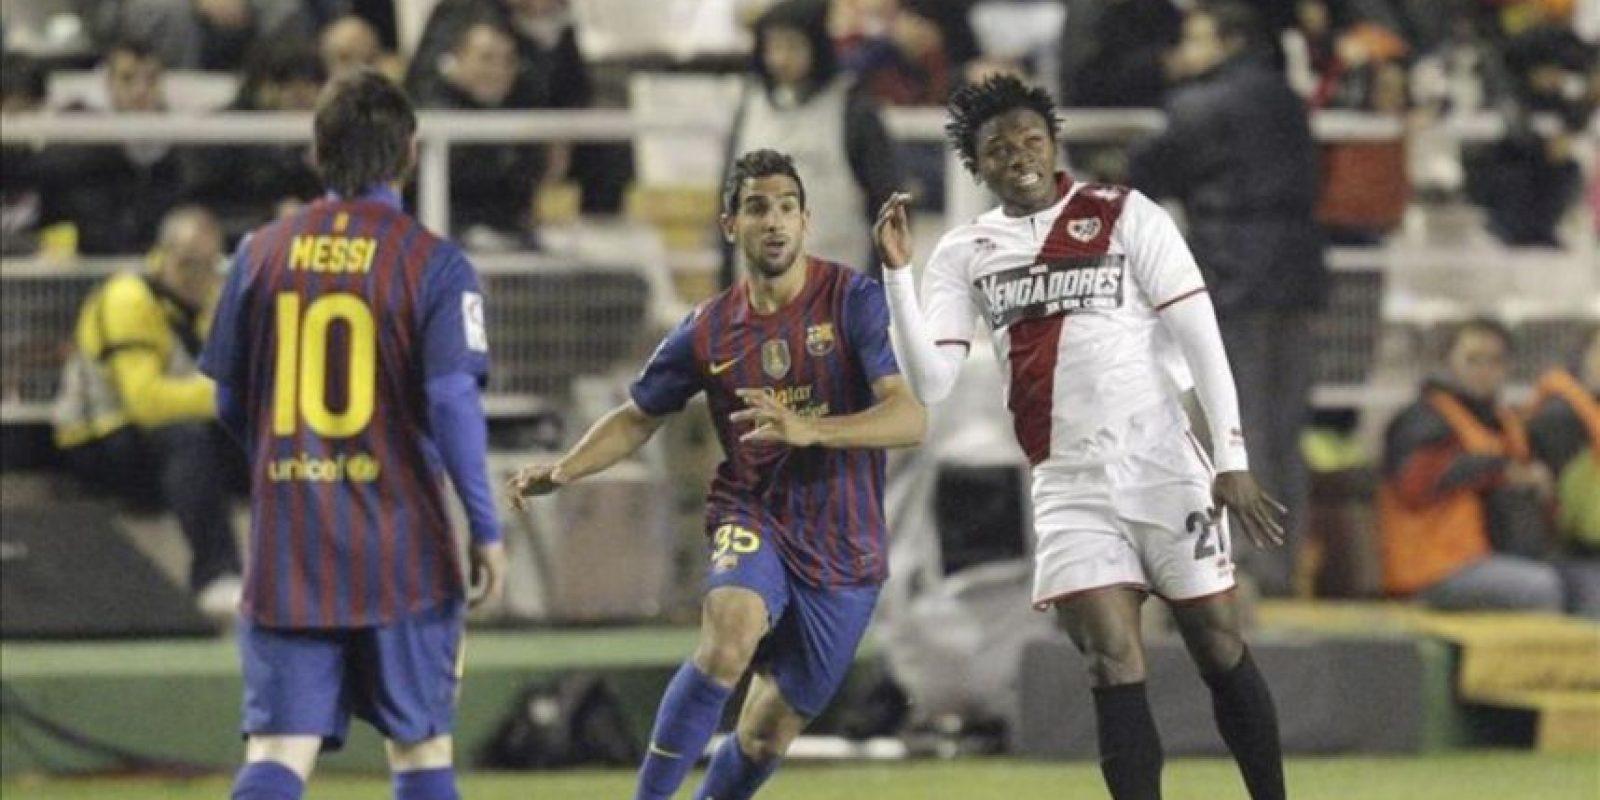 El delantero guineano del Rayo Vallecano Lass Bangoura (d) cabecea un balón ante los jugadores del FC Barcelona Lionel Messi (i) y Martín Montoya durante el partido, correspondiente a la trigésimo sexta jornada de Liga de Primera División en el Estadio de Vallecas. EFE